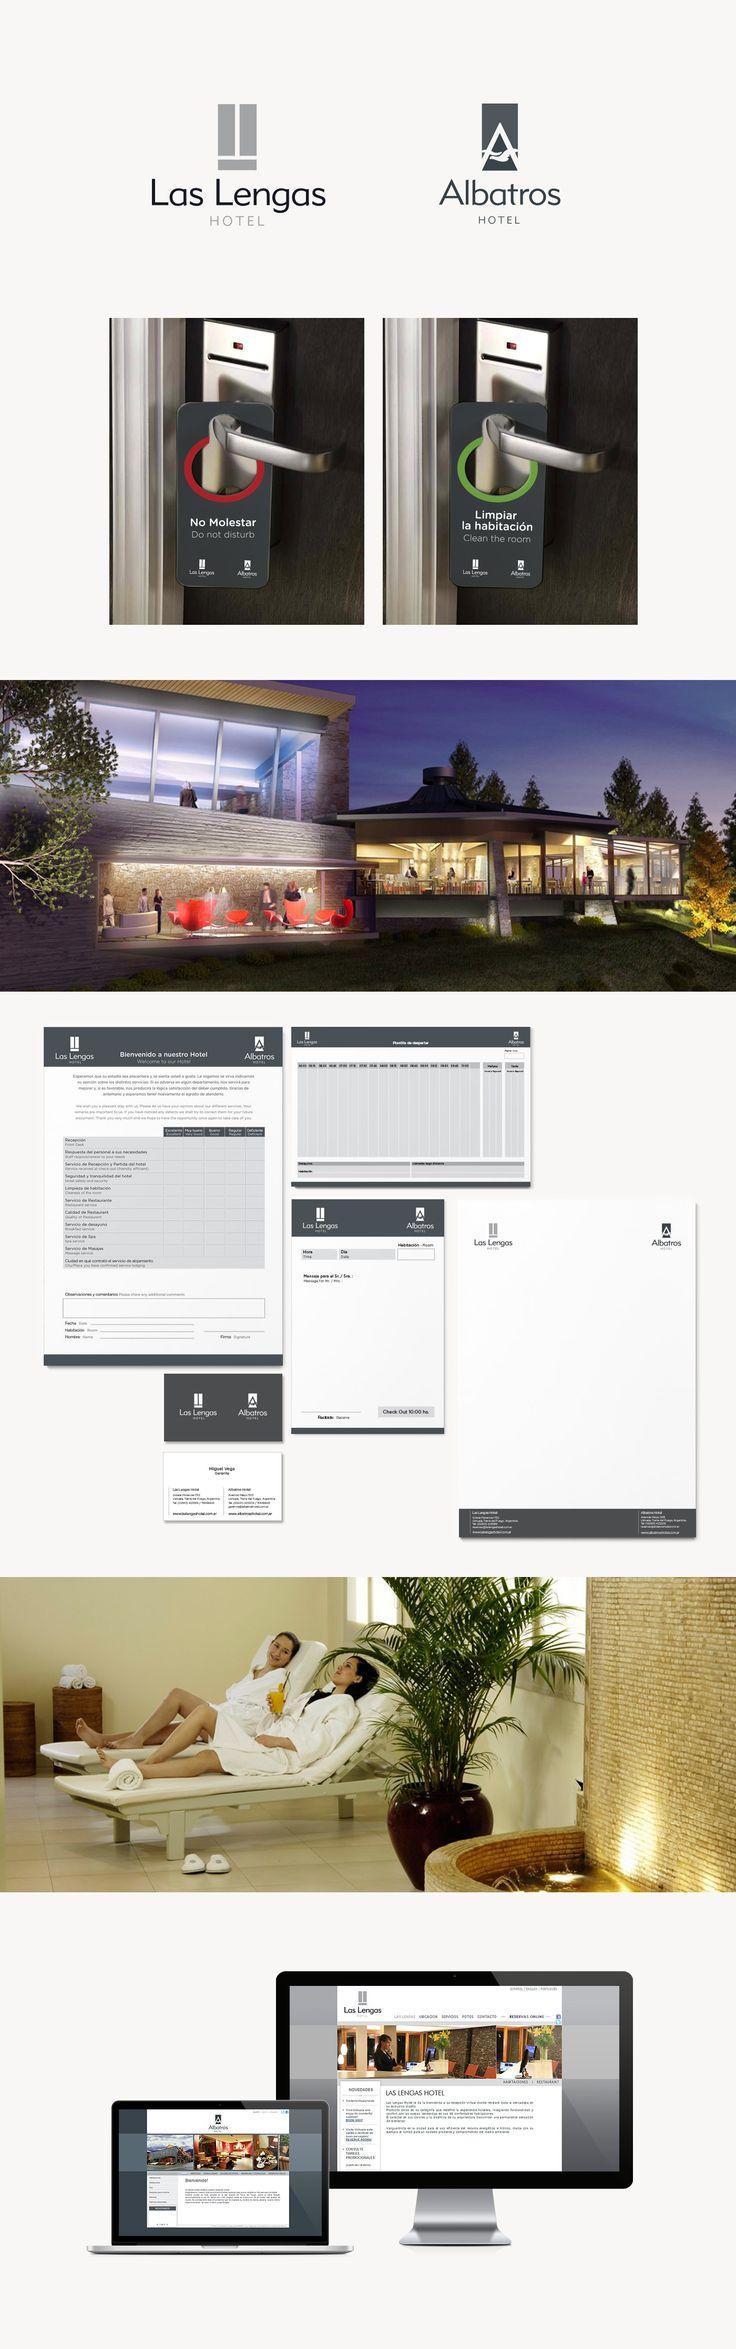 En DOMO le desarrollamos la imagen e identidad corporativa integral, desde la marca pasando por la papelería, amenities y diseño Web. Este proyecto nos abrió las puertas para seguir conociendo y desarrollando la Identidad de otros Hoteles del Grupo.